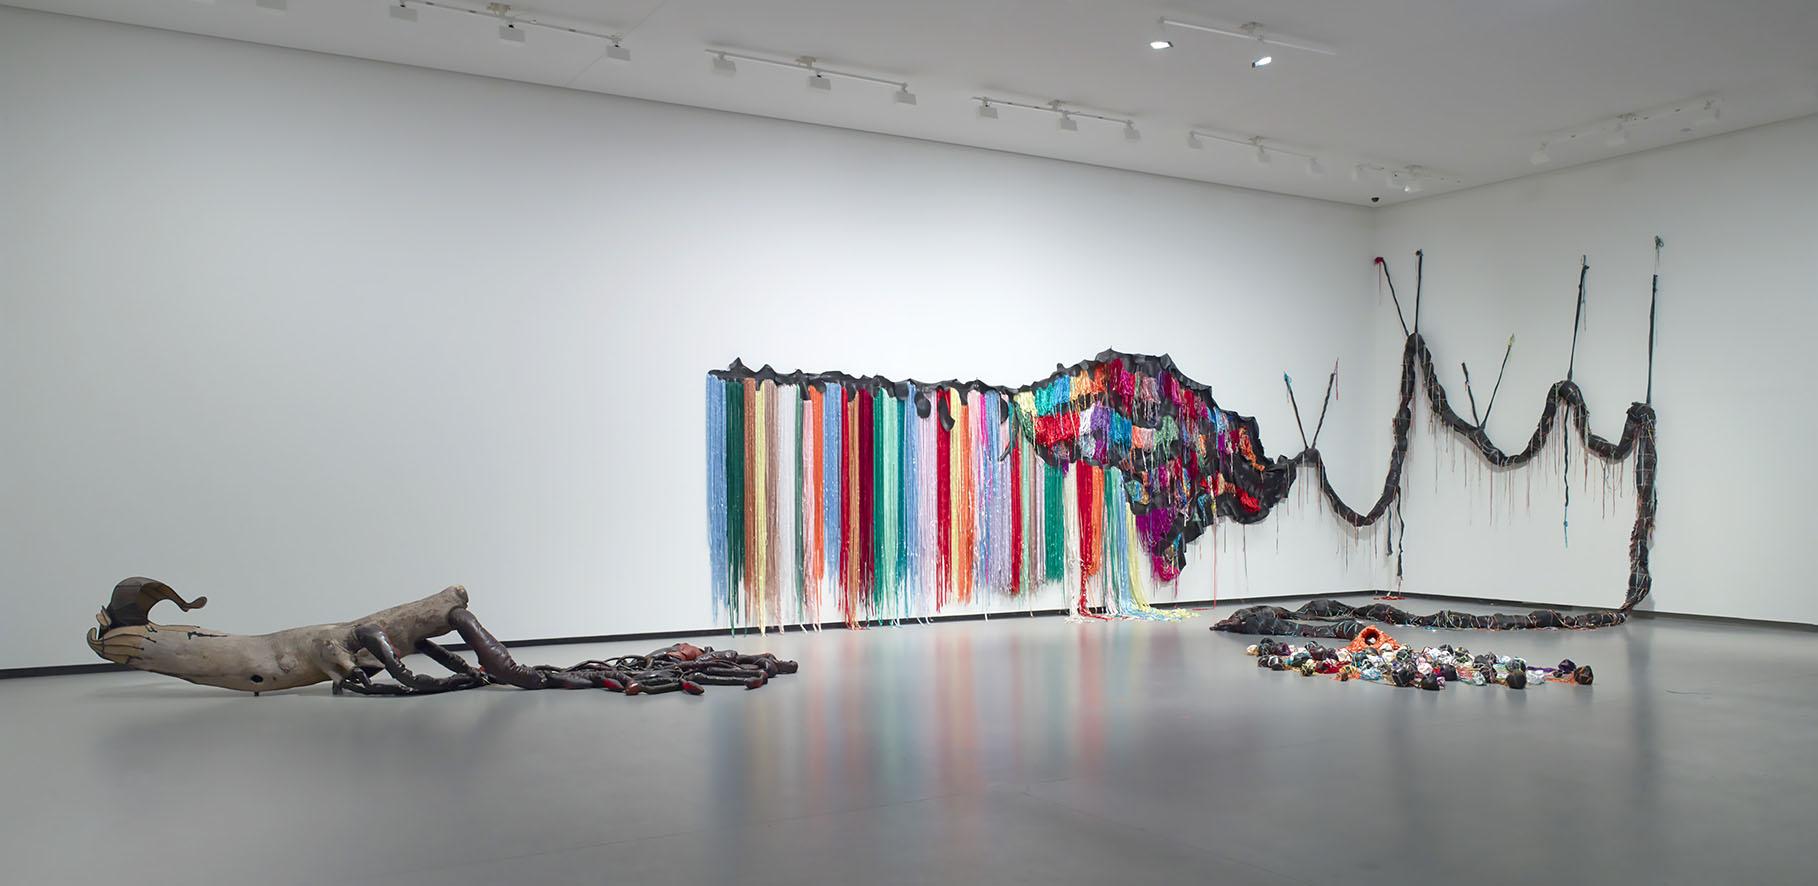 ÊTRE LÀ_vue d'installation de Nicholas Hlobo_©Nicholas Hlobo_photo ©Fondation Louis Vuitton - Marc Domage.jpg